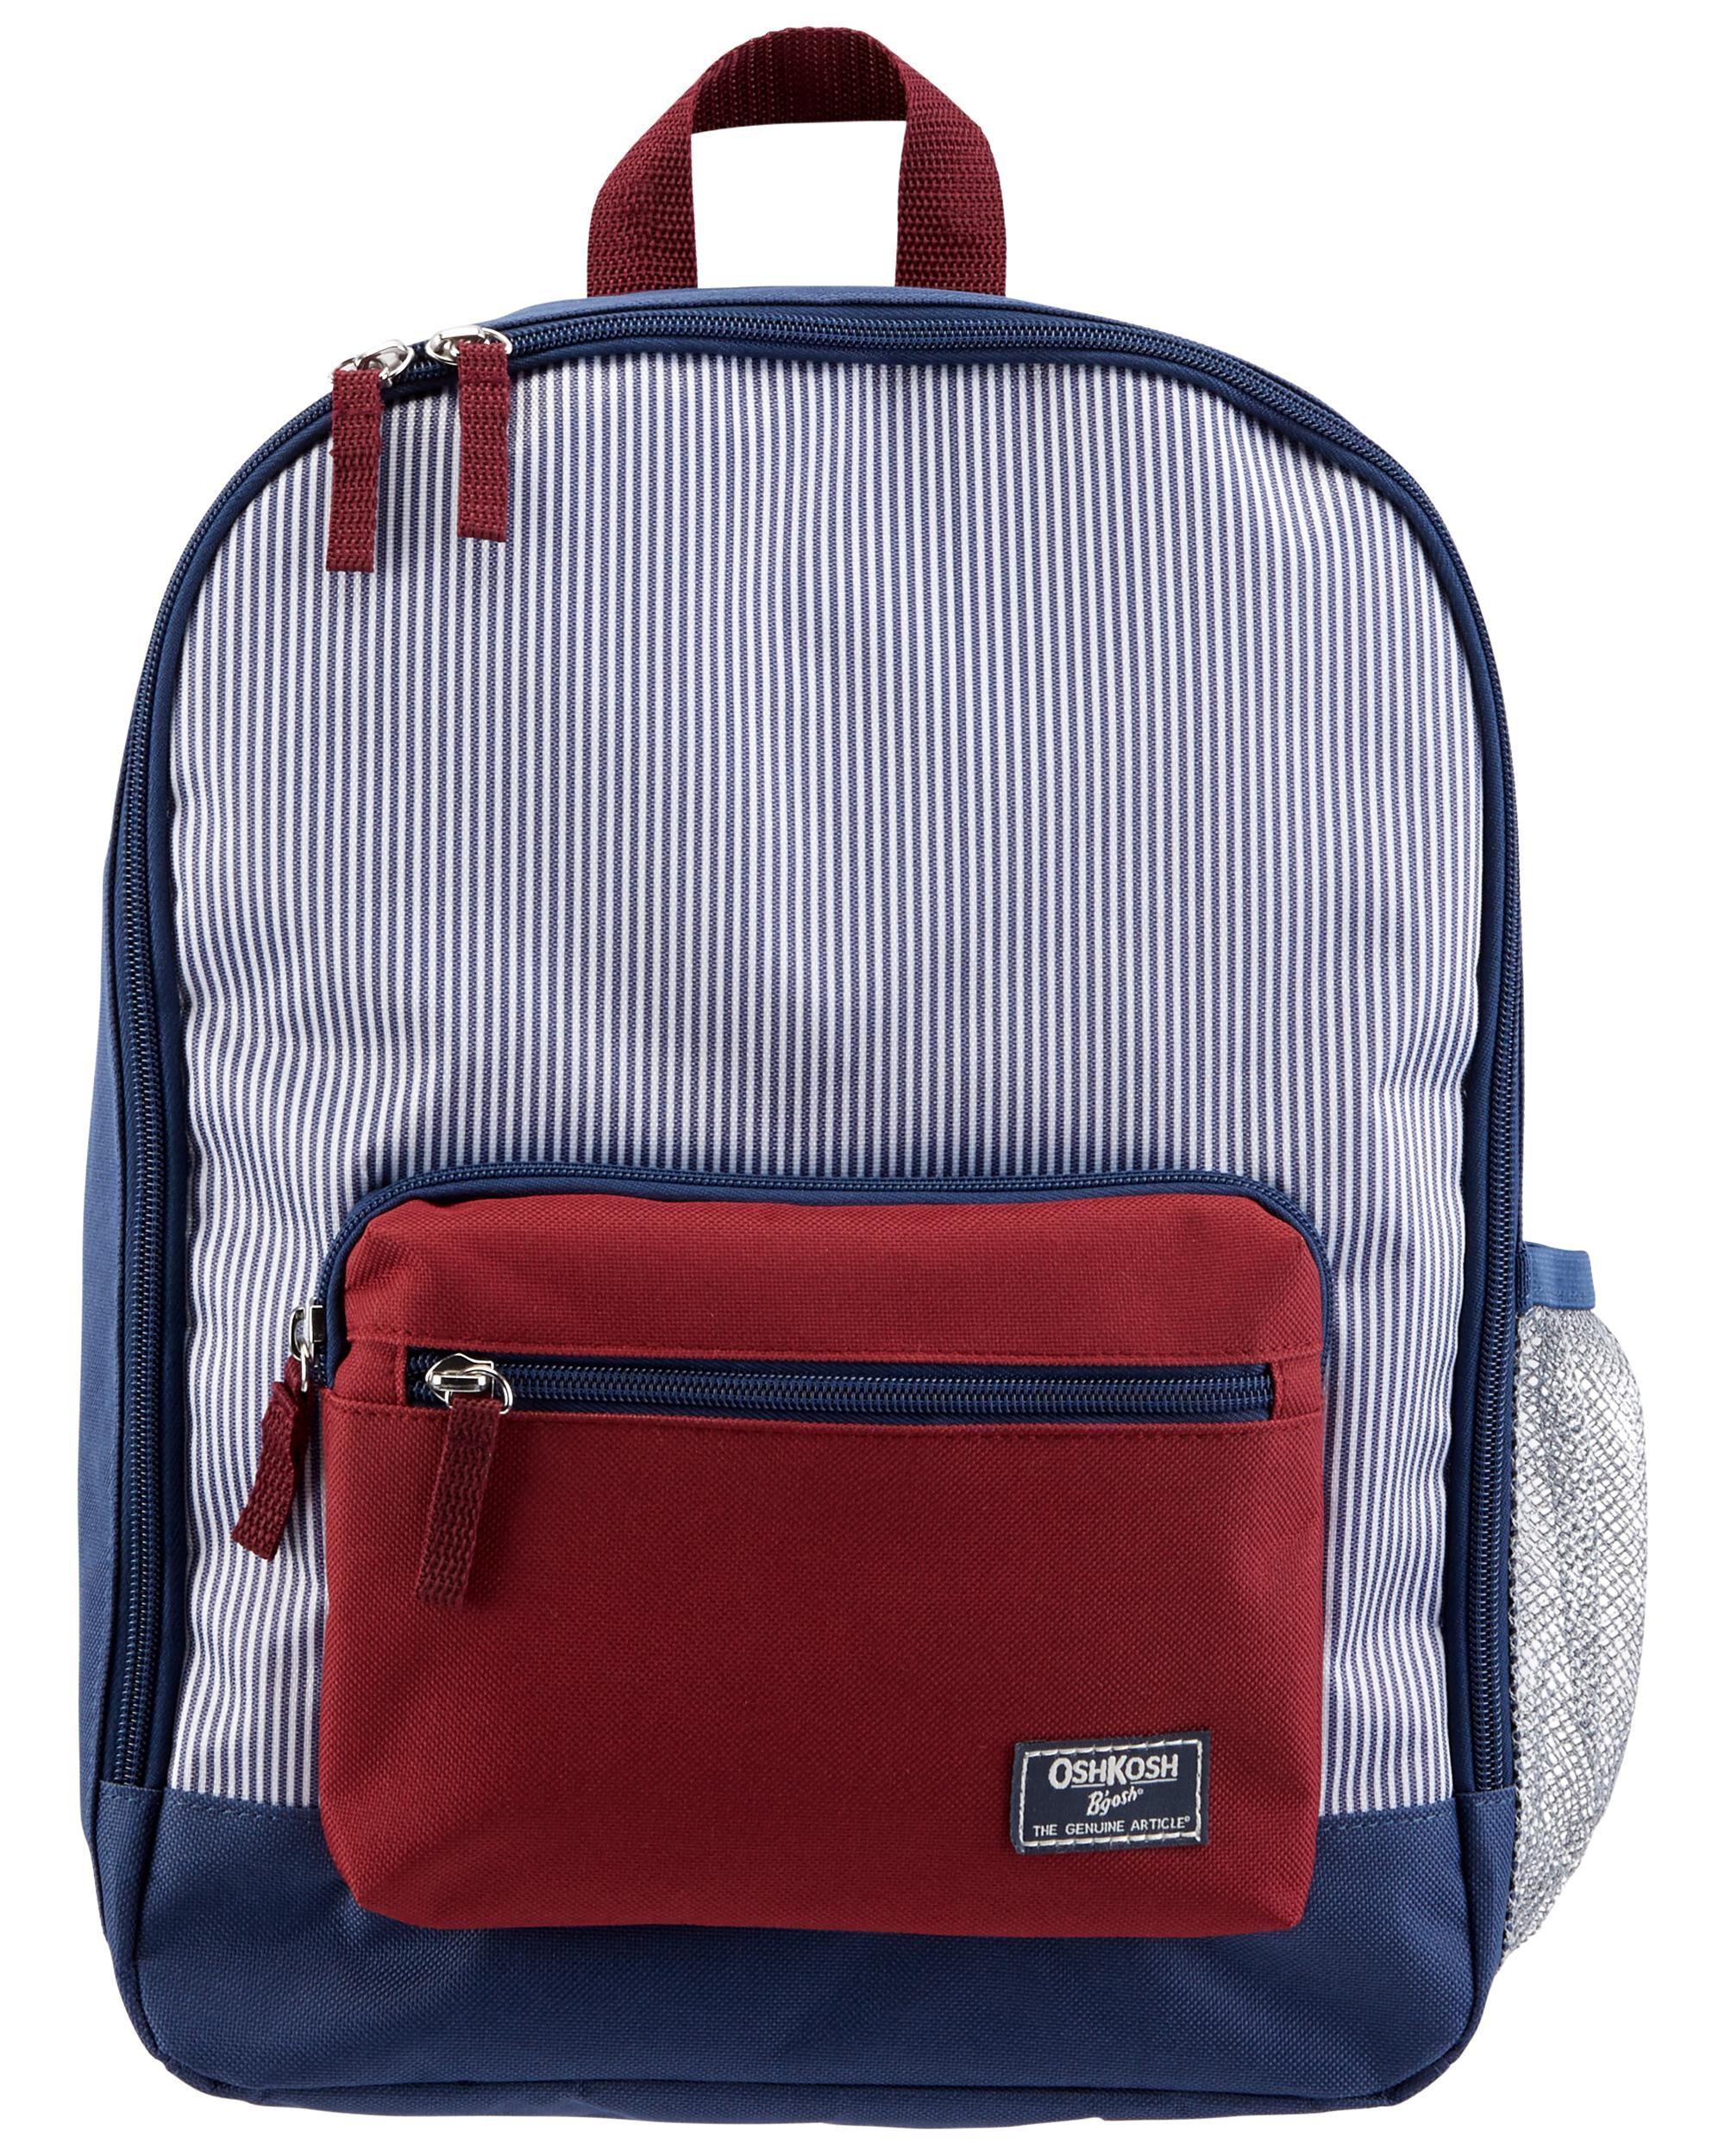 Toddler Boy Backpack - CEAGESP